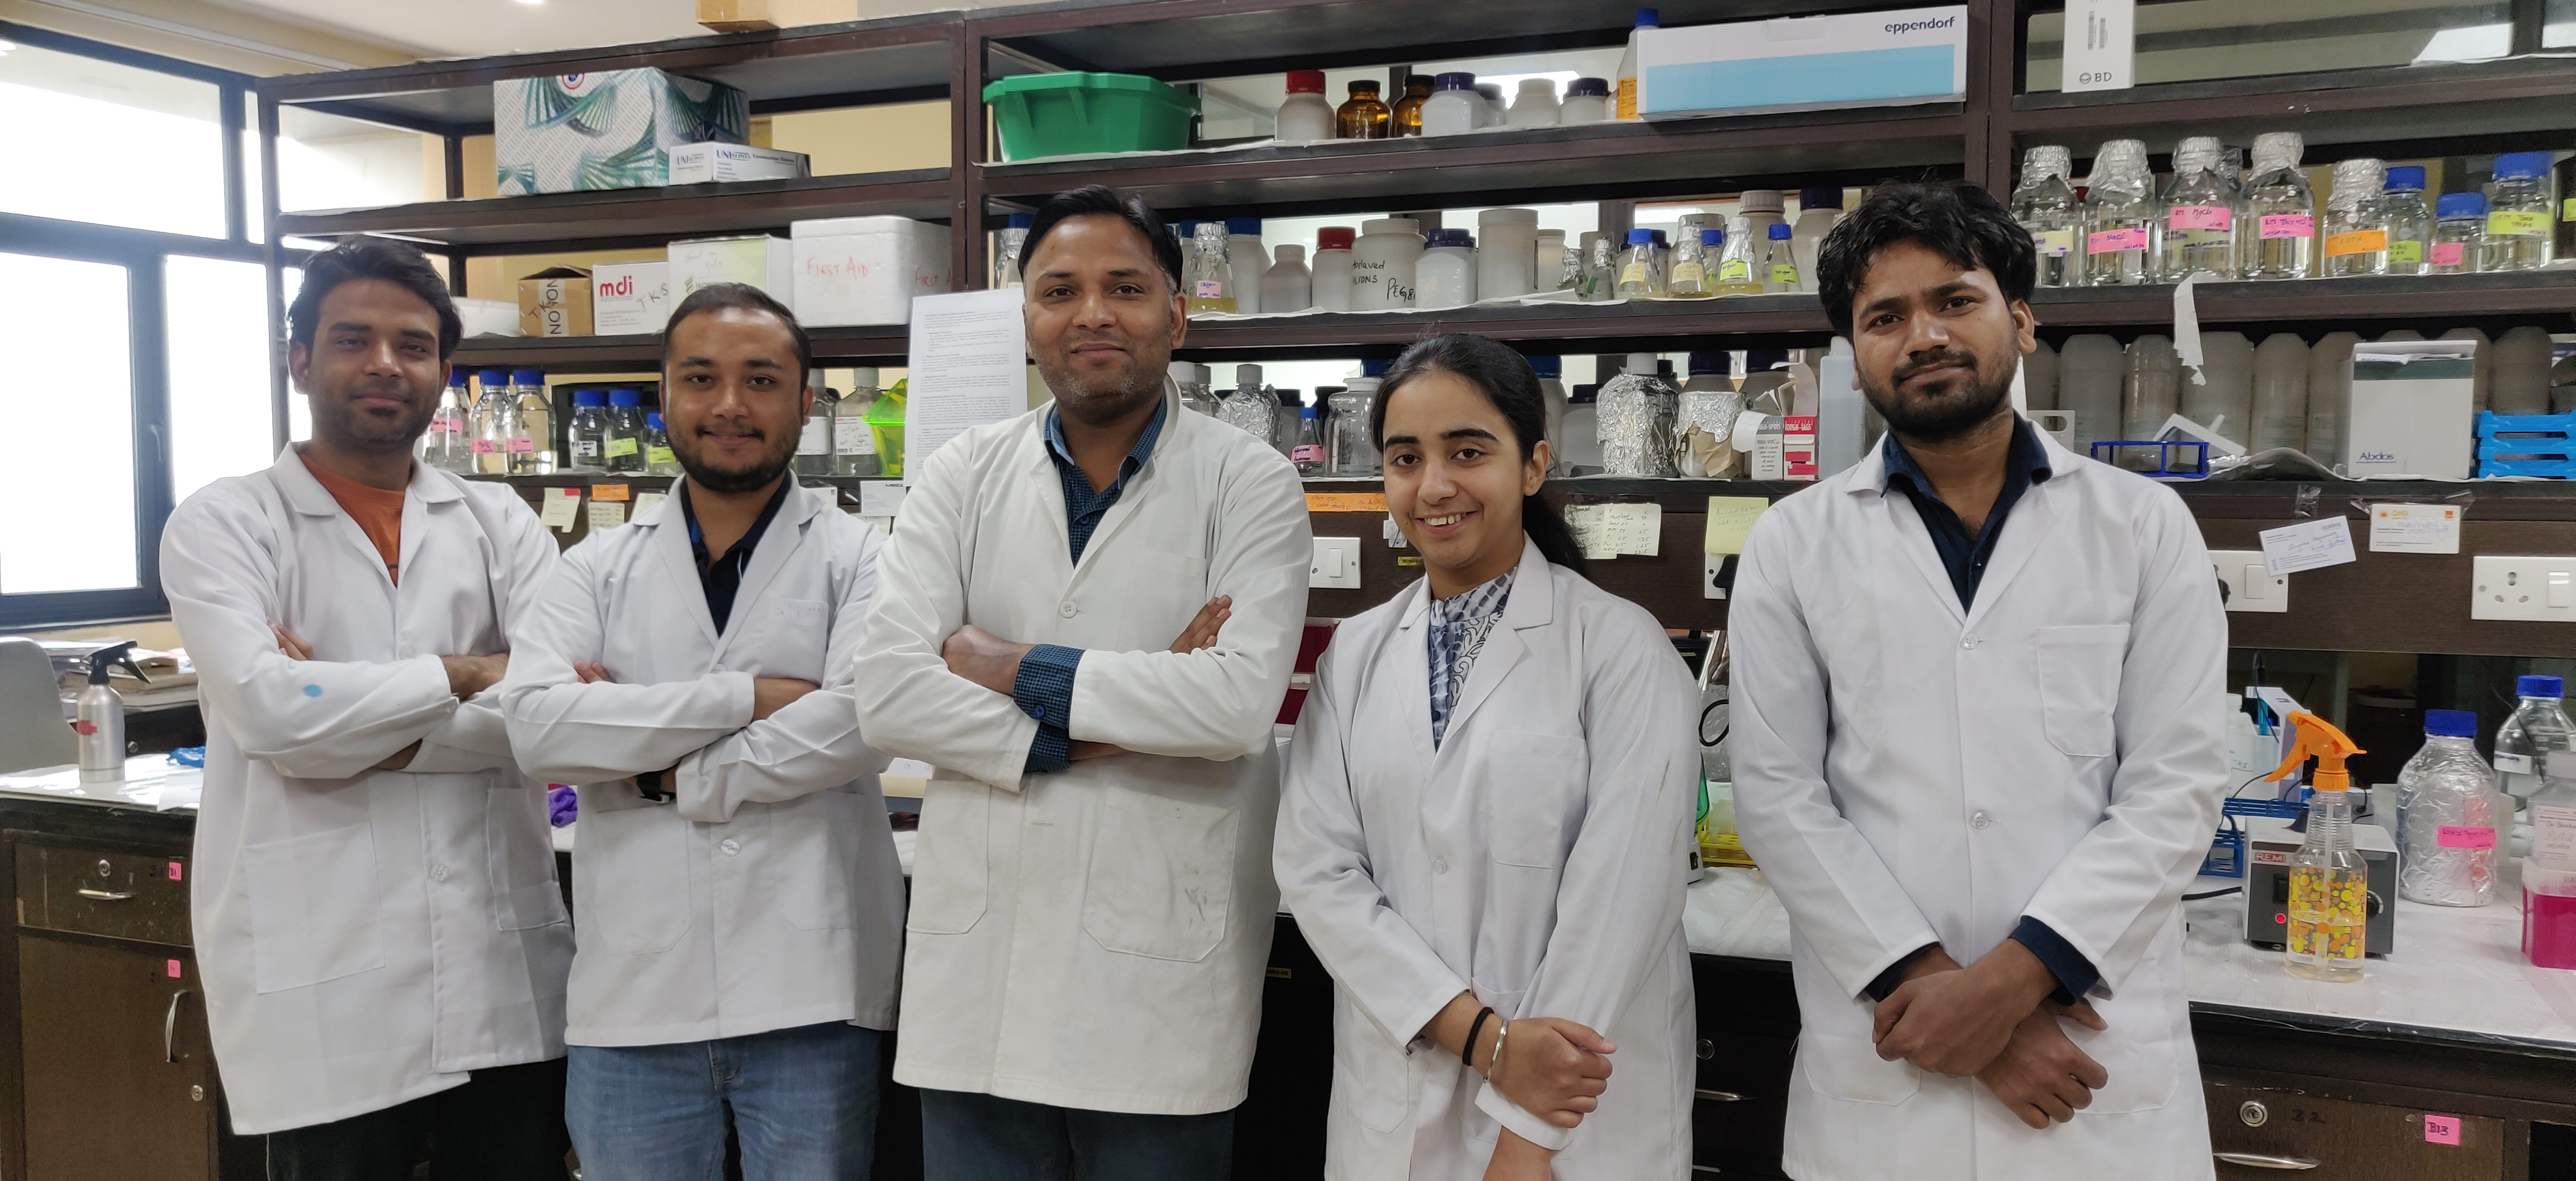 Dr Tarun's lab team